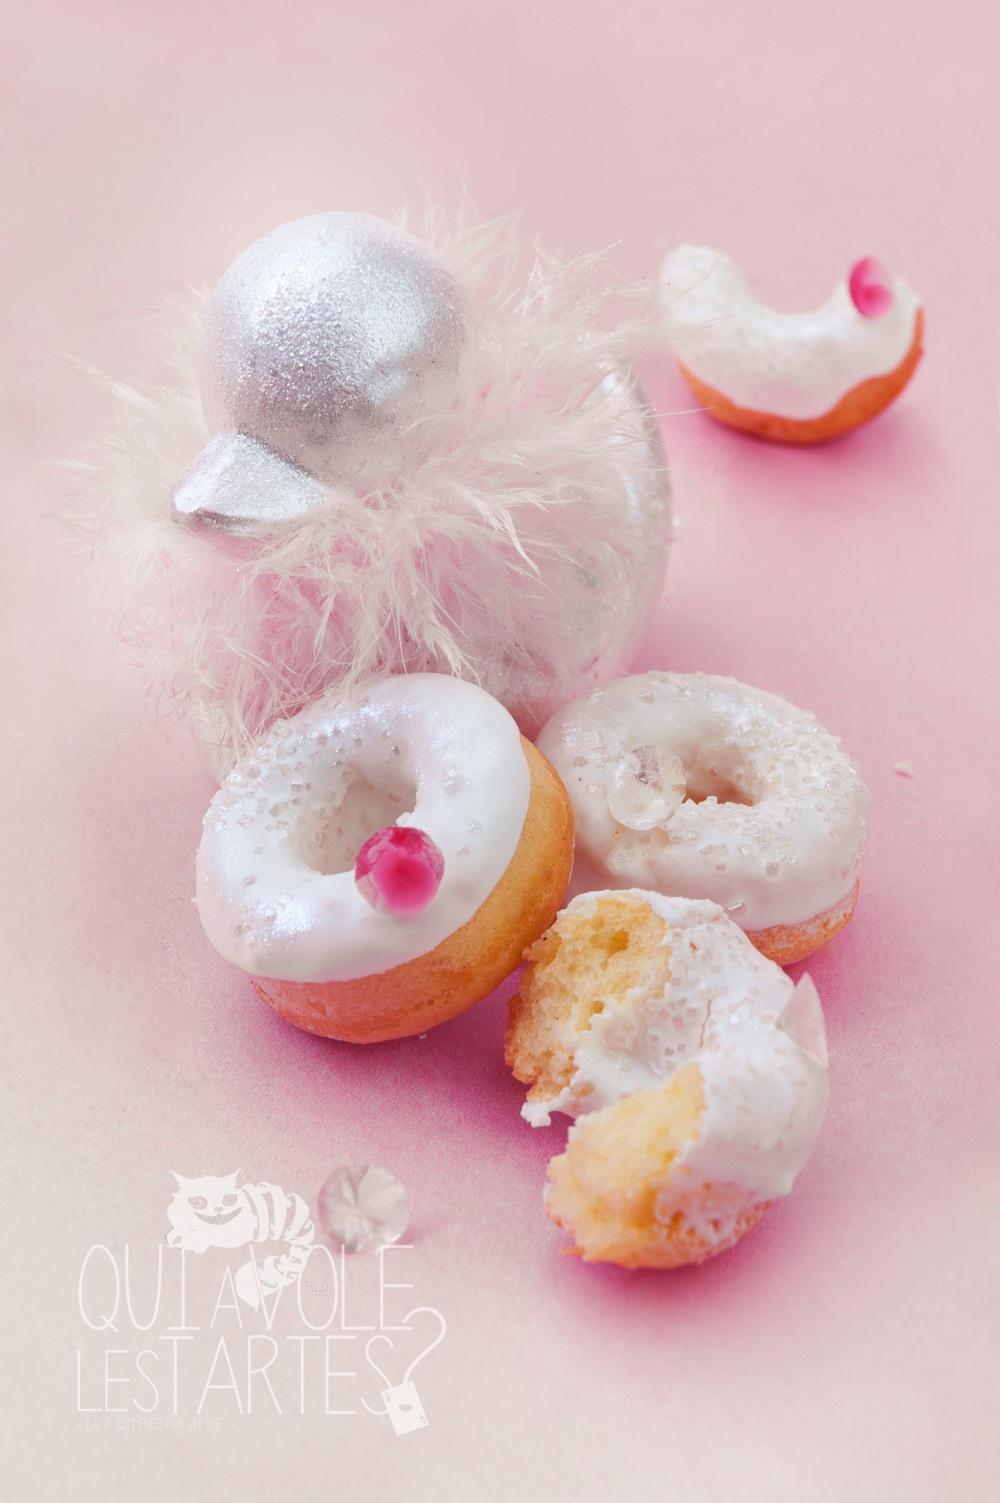 Donuts sans gluten St Valentin 1 - Studio de création - Qui a volé les tartes